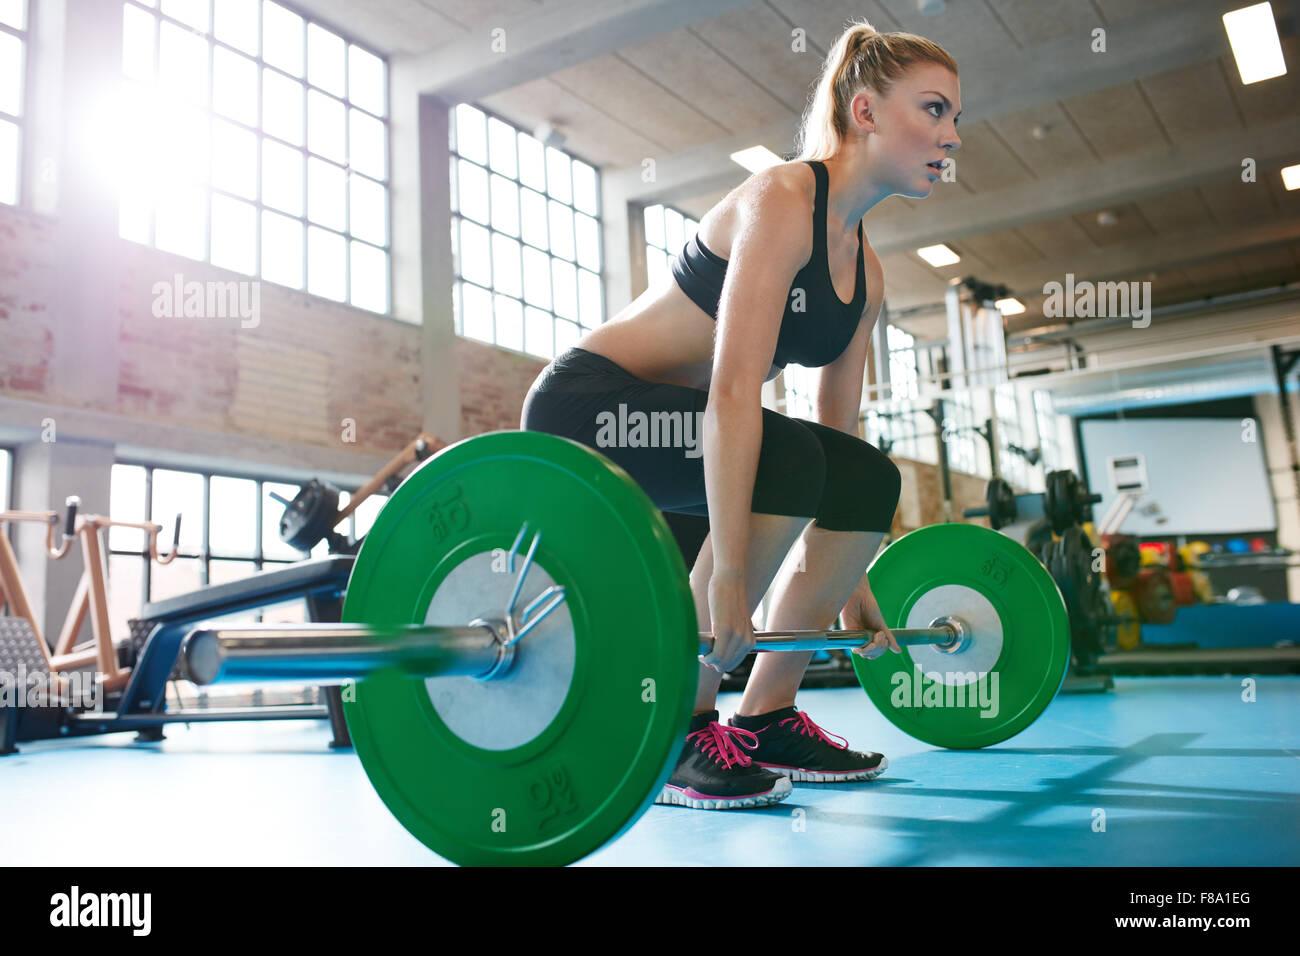 Muscolare donna caucasici in una palestra facendo pesanti esercizi di peso. Giovane donna fare sollevamento pesi Immagini Stock